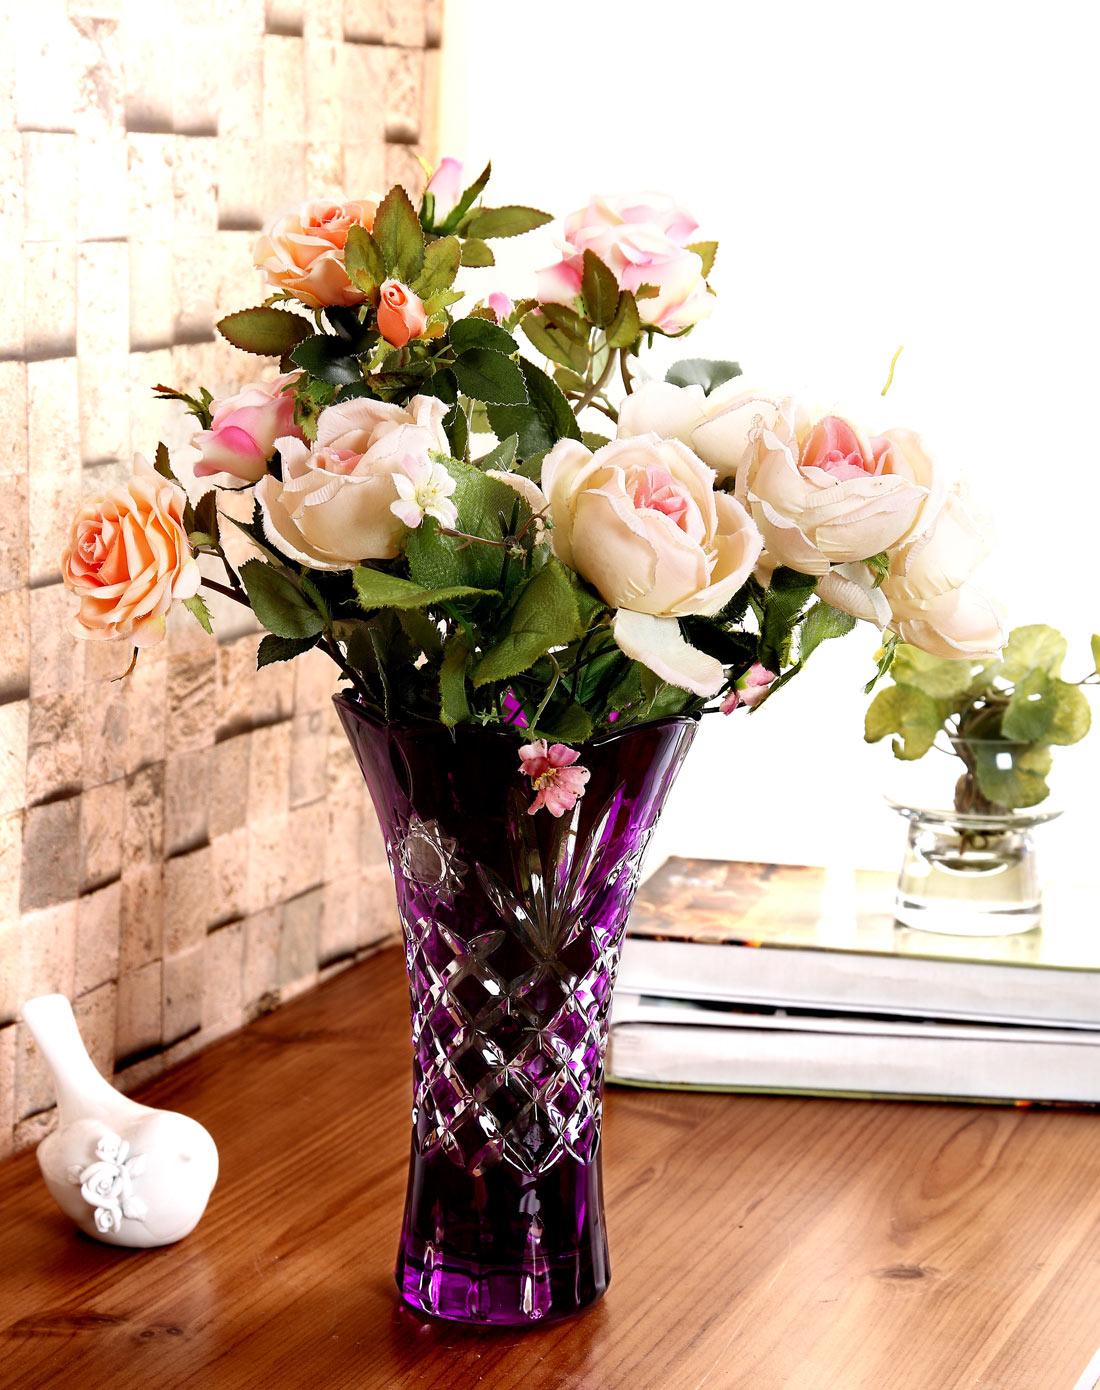 欧式复古水晶玻璃螺纹花瓶-方格